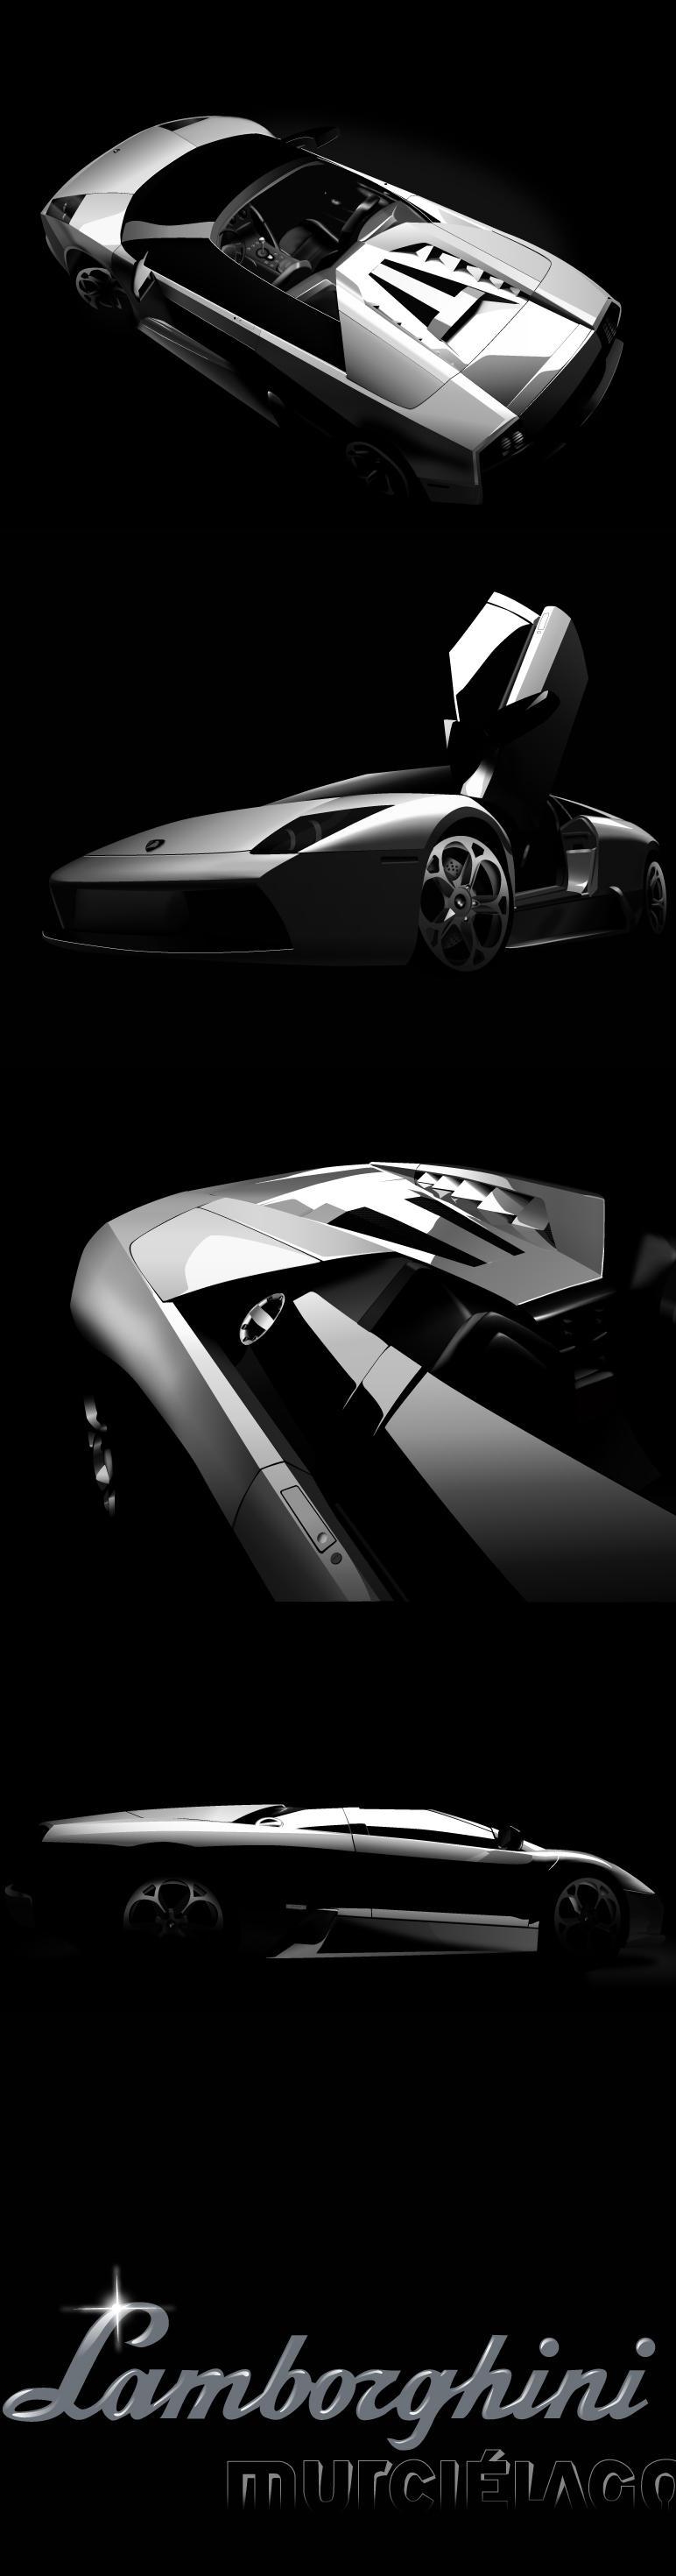 Murcielago - Final by AdRoiT-Designs